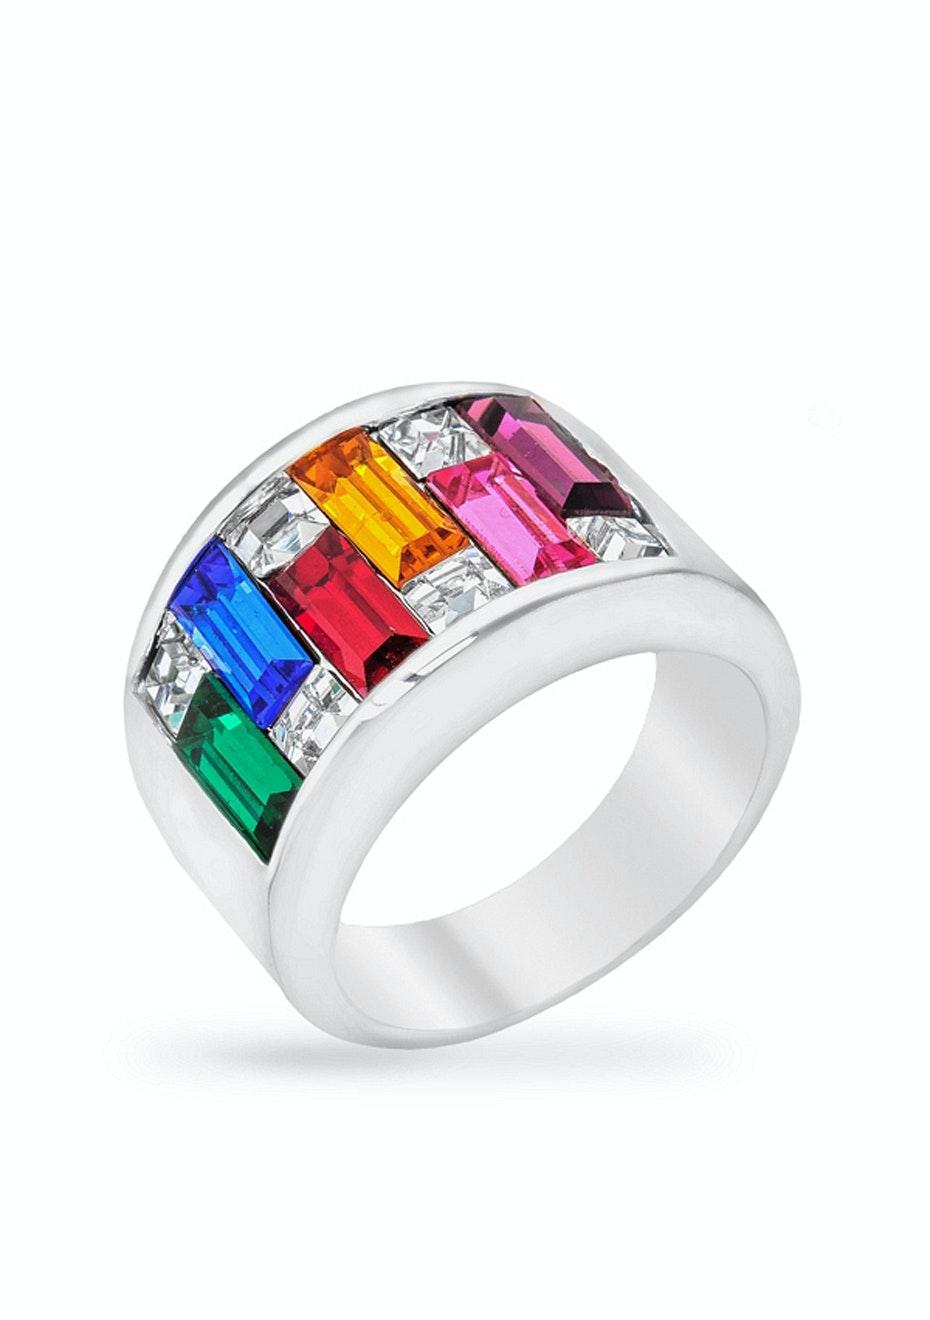 Pokoba Ring w Swarovski Crystals Ft Swarovski Elements